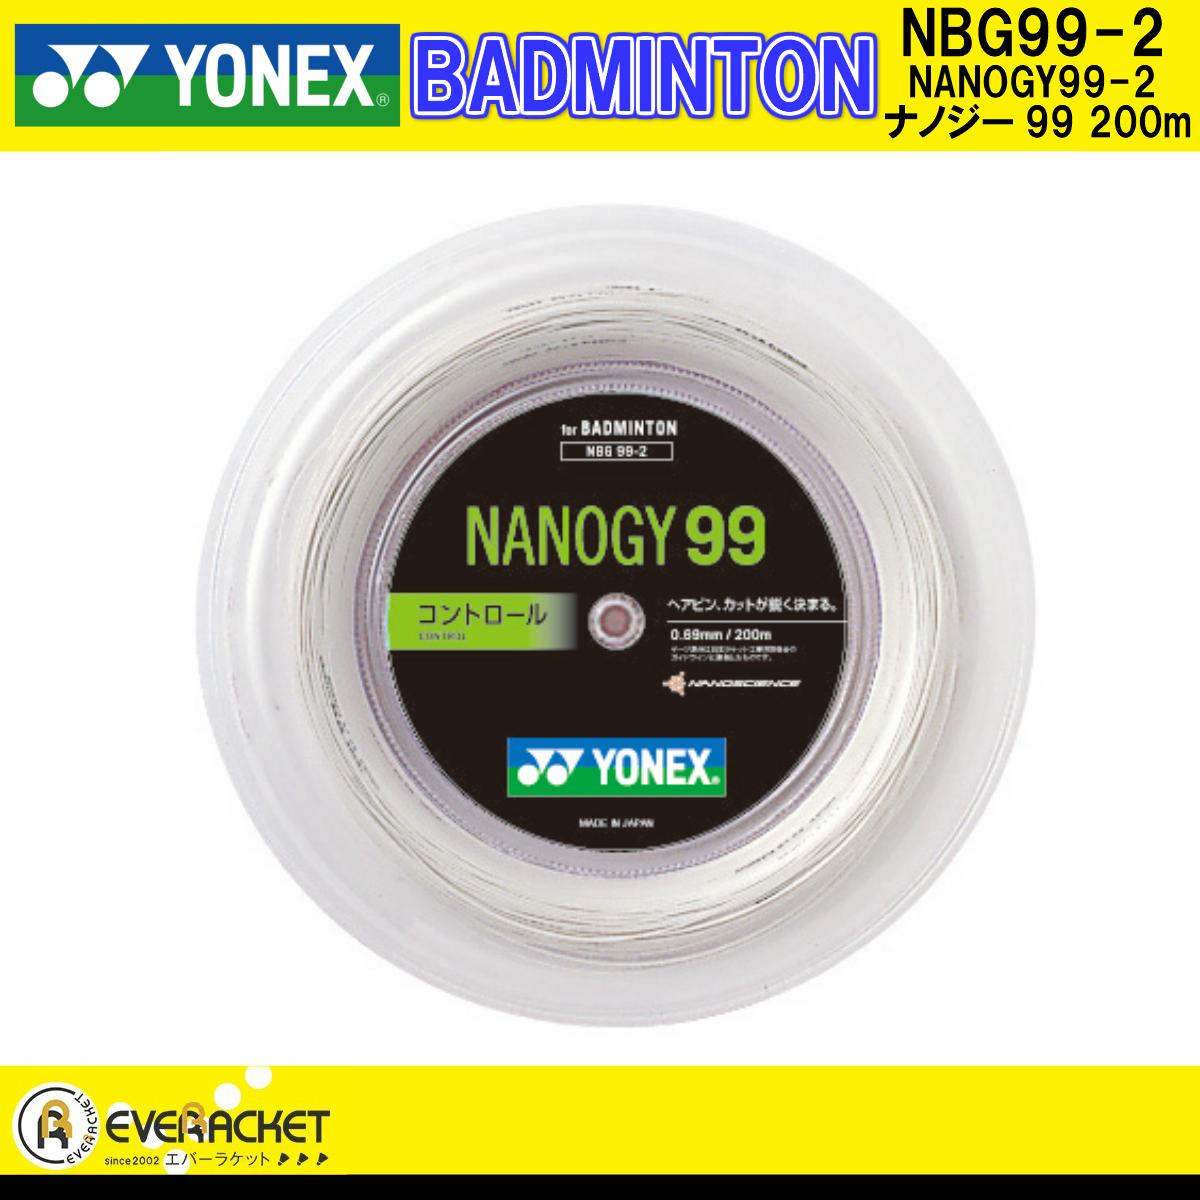 【激安ガット】YONEX ヨネックス バドミントン バドミントンストリング ガット ナノジー99 200m NBG99-2